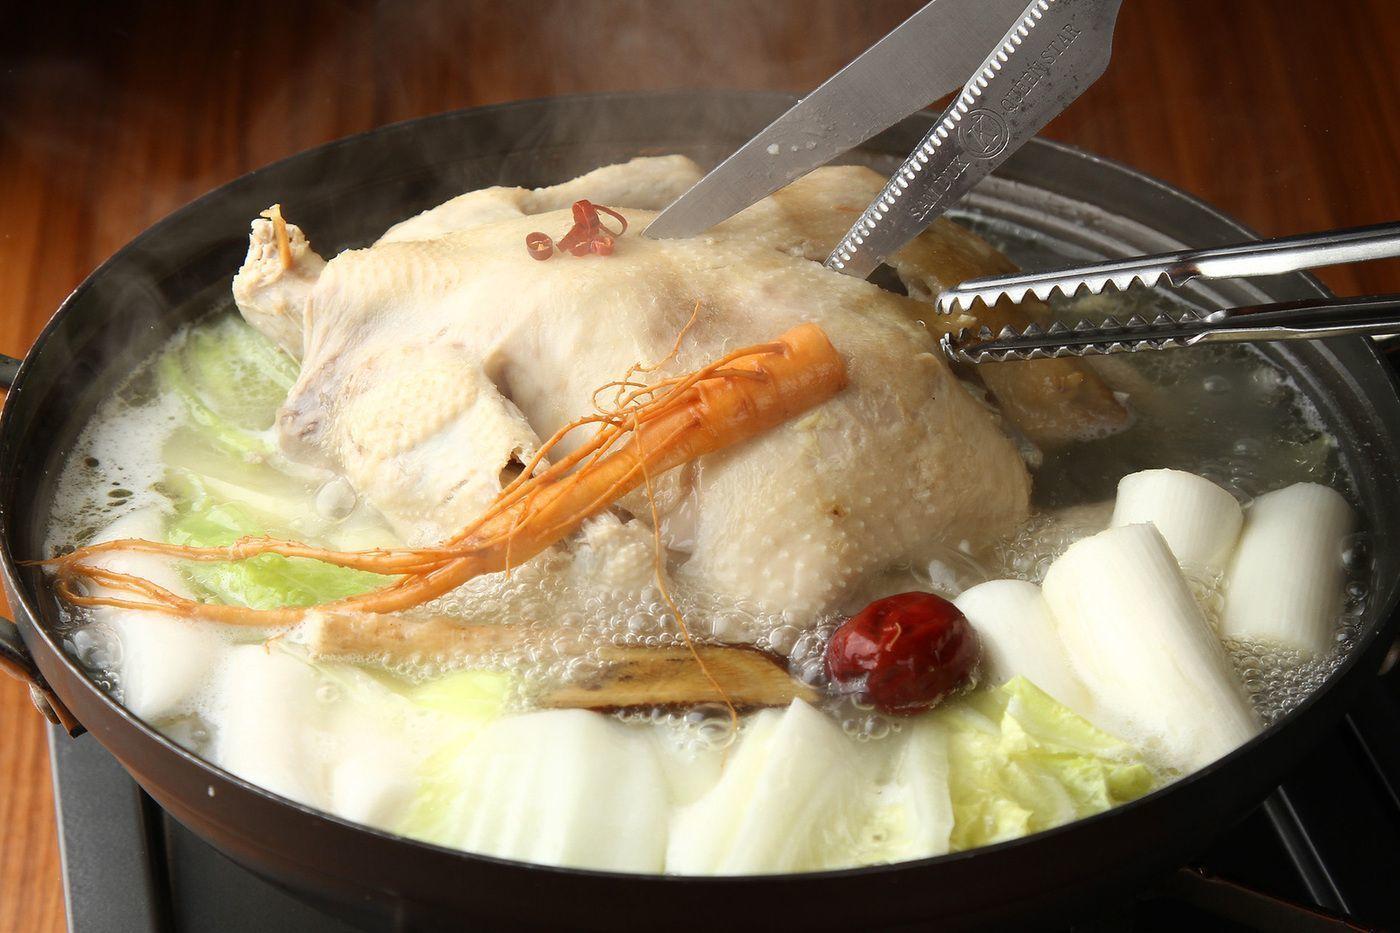 【表参道×韓国料理】ランチにおすすめ!安いのに絶品な人気店6選の画像